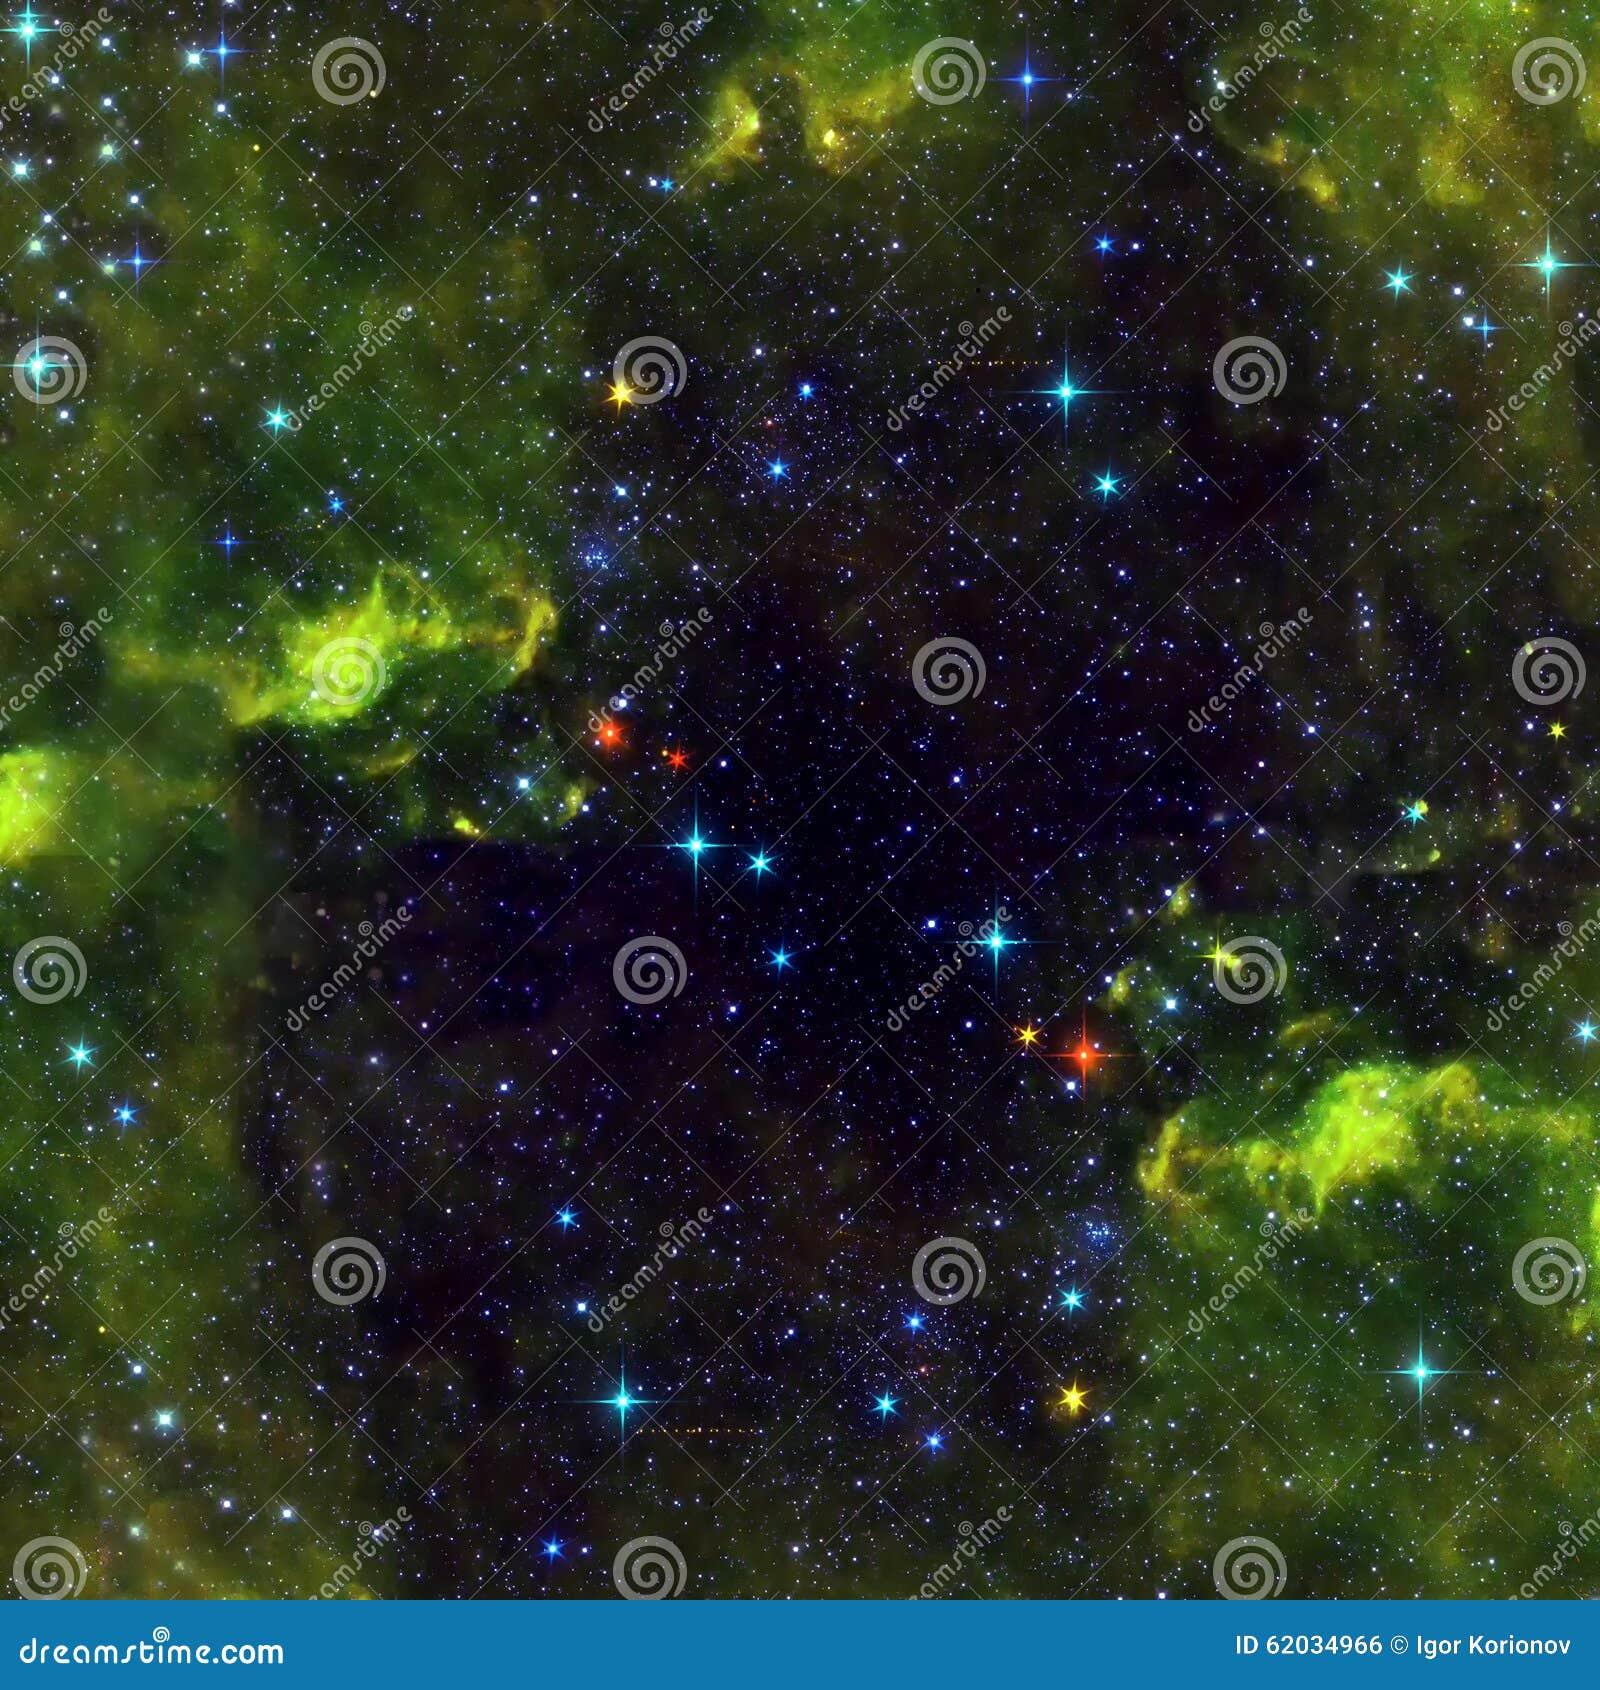 landscape space nebula - photo #16